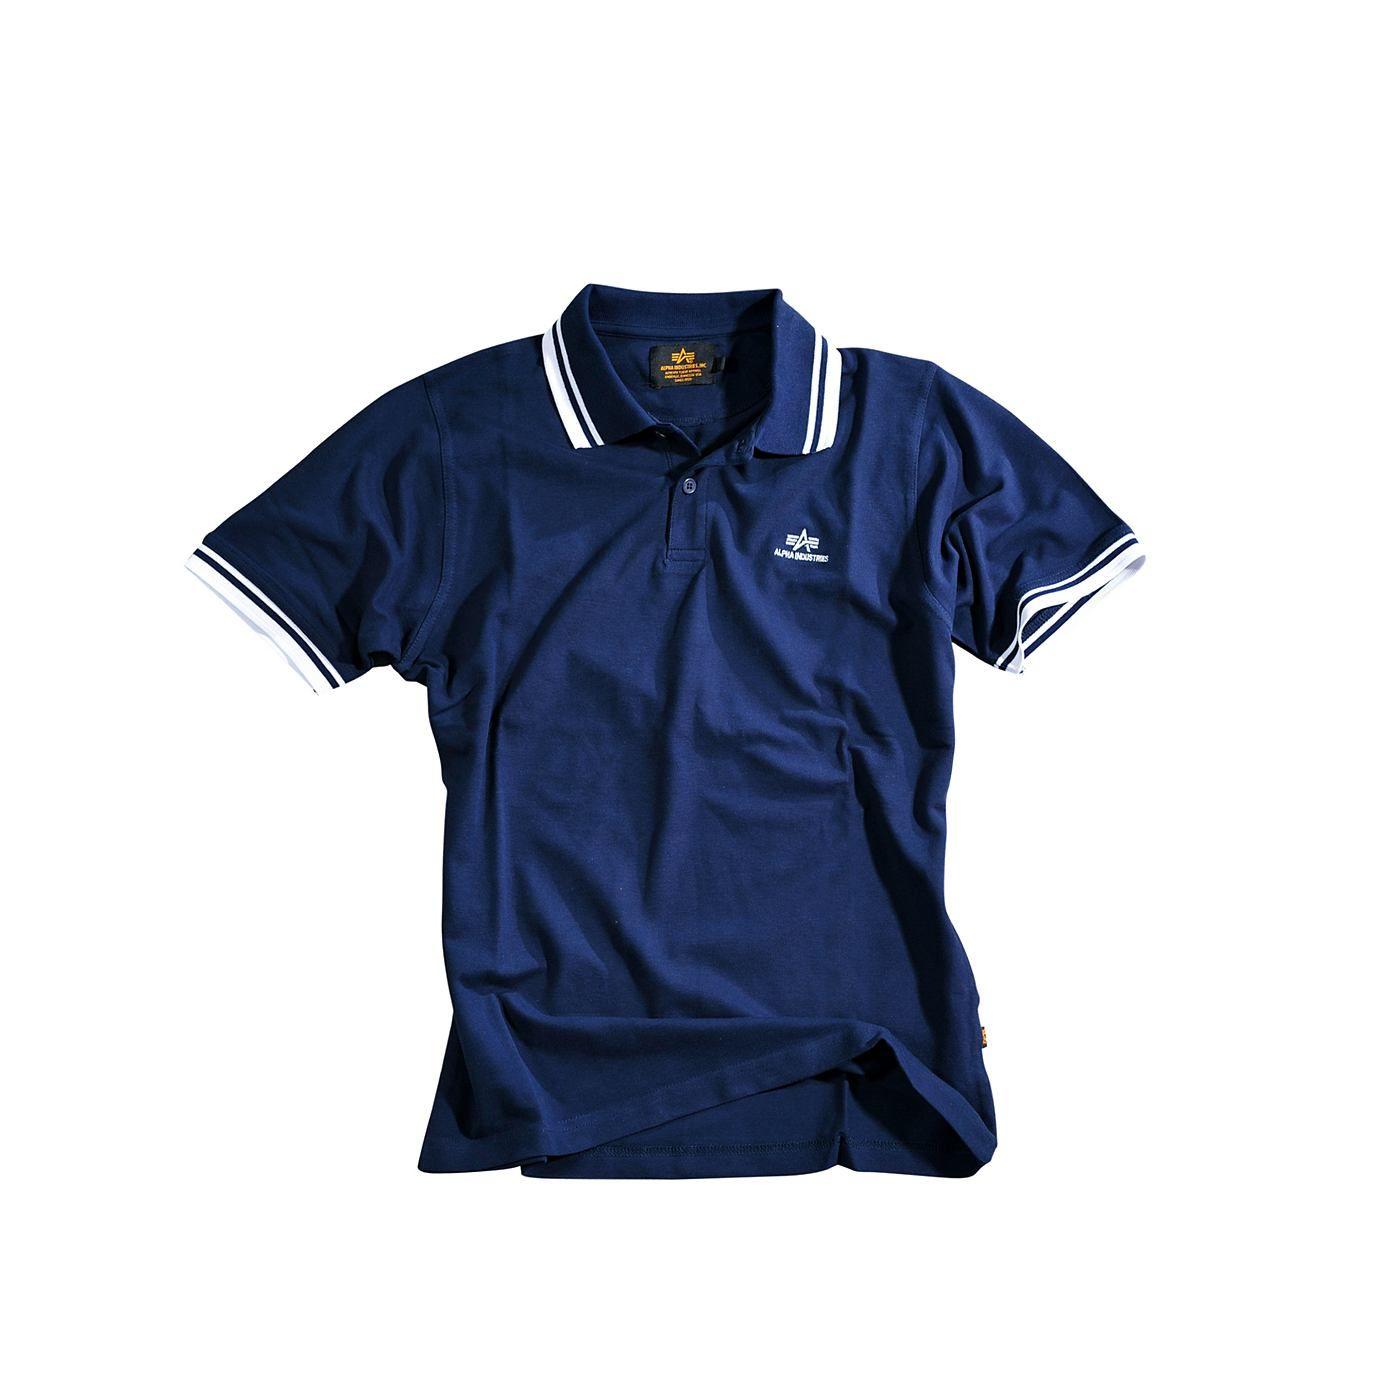 """Produktbeschreibung:      - Alpha Industries Polo """"Twin Stripe Polo"""" aus Cotton Piquet    - Logo Stick auf der Brust     - 2 Farbig     - Rundhals        Passform & Größenlauf:      - Normale Passform ( Standard Fit )     - Erhältlich in den Größen: S - 3XL        Material & Pflege:      - Oberstoff : 100% Baumwolle     Pflegehinweis: Maschinenwäsche     ..."""